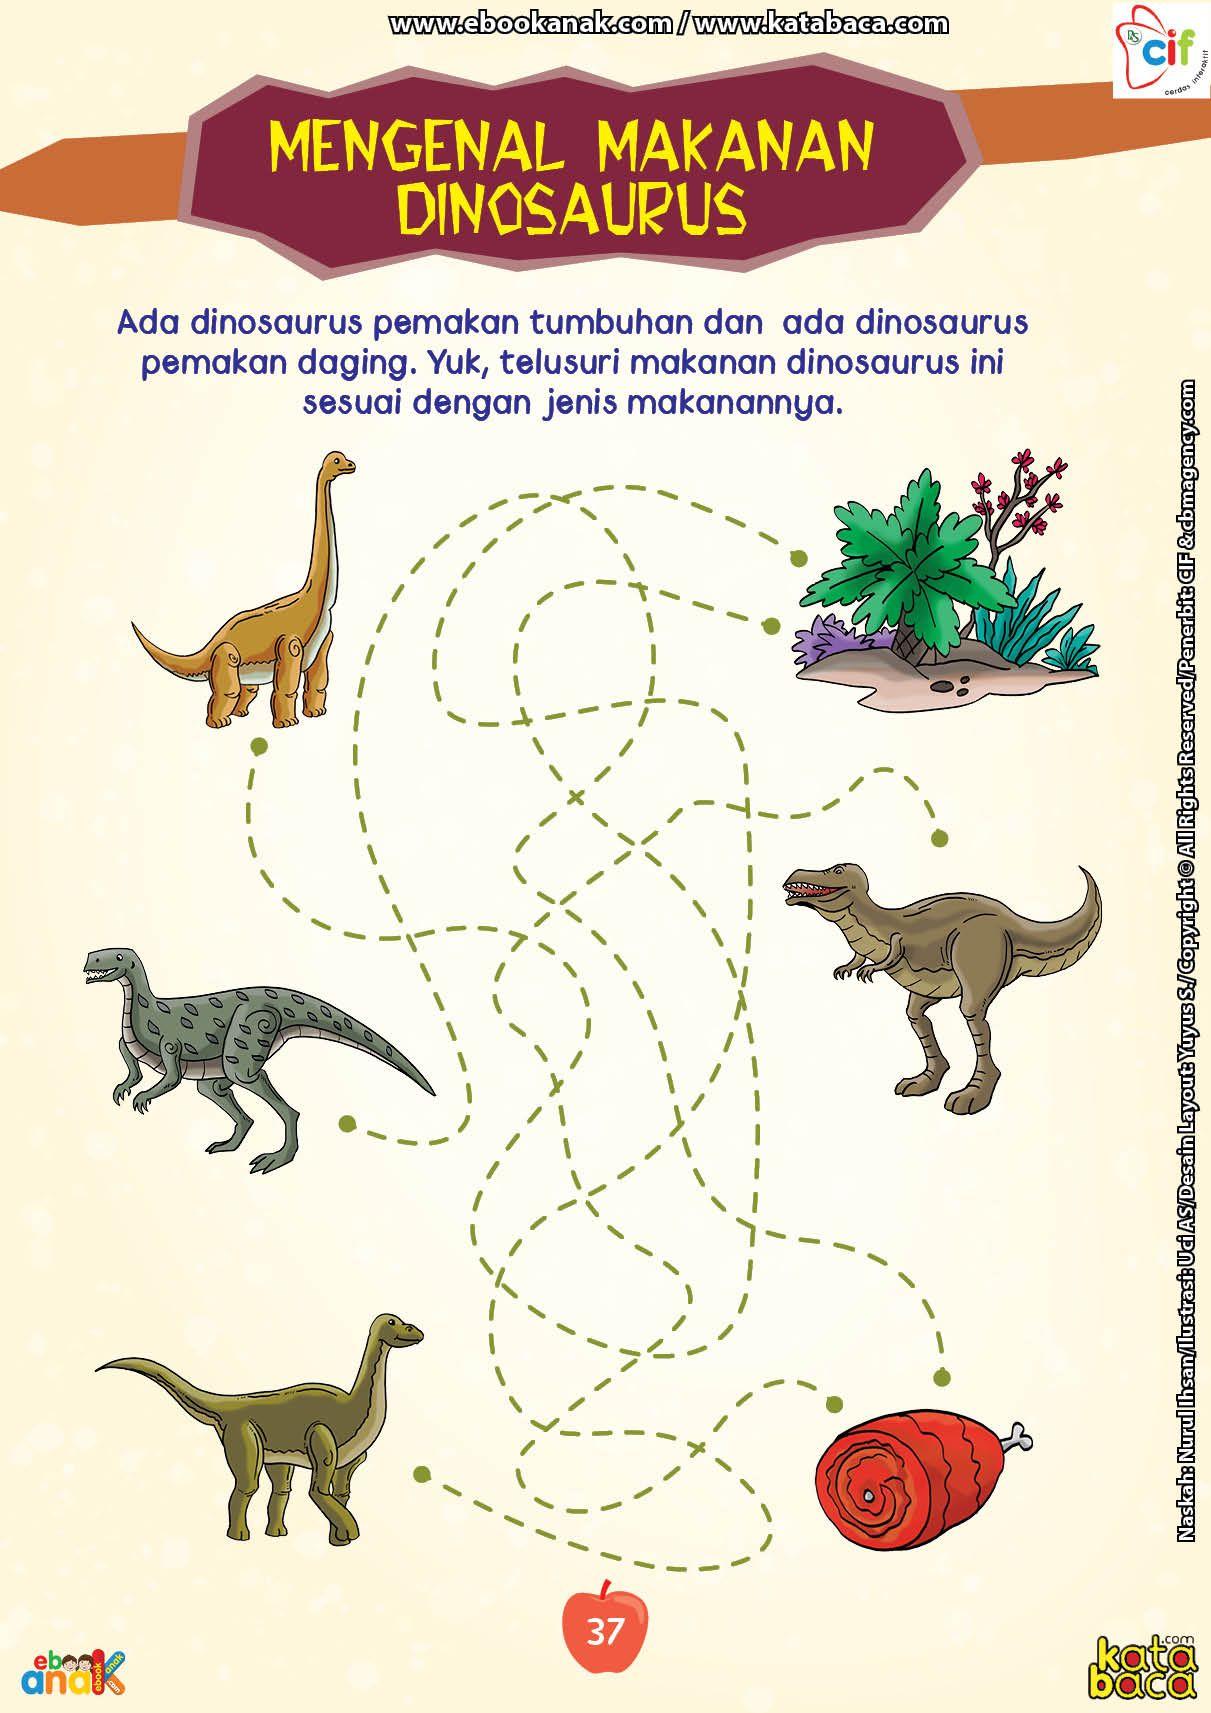 Makanan Apa Saja Yang Bisa Dimakan Dinosaurus Buku Online Buku Anak Buku